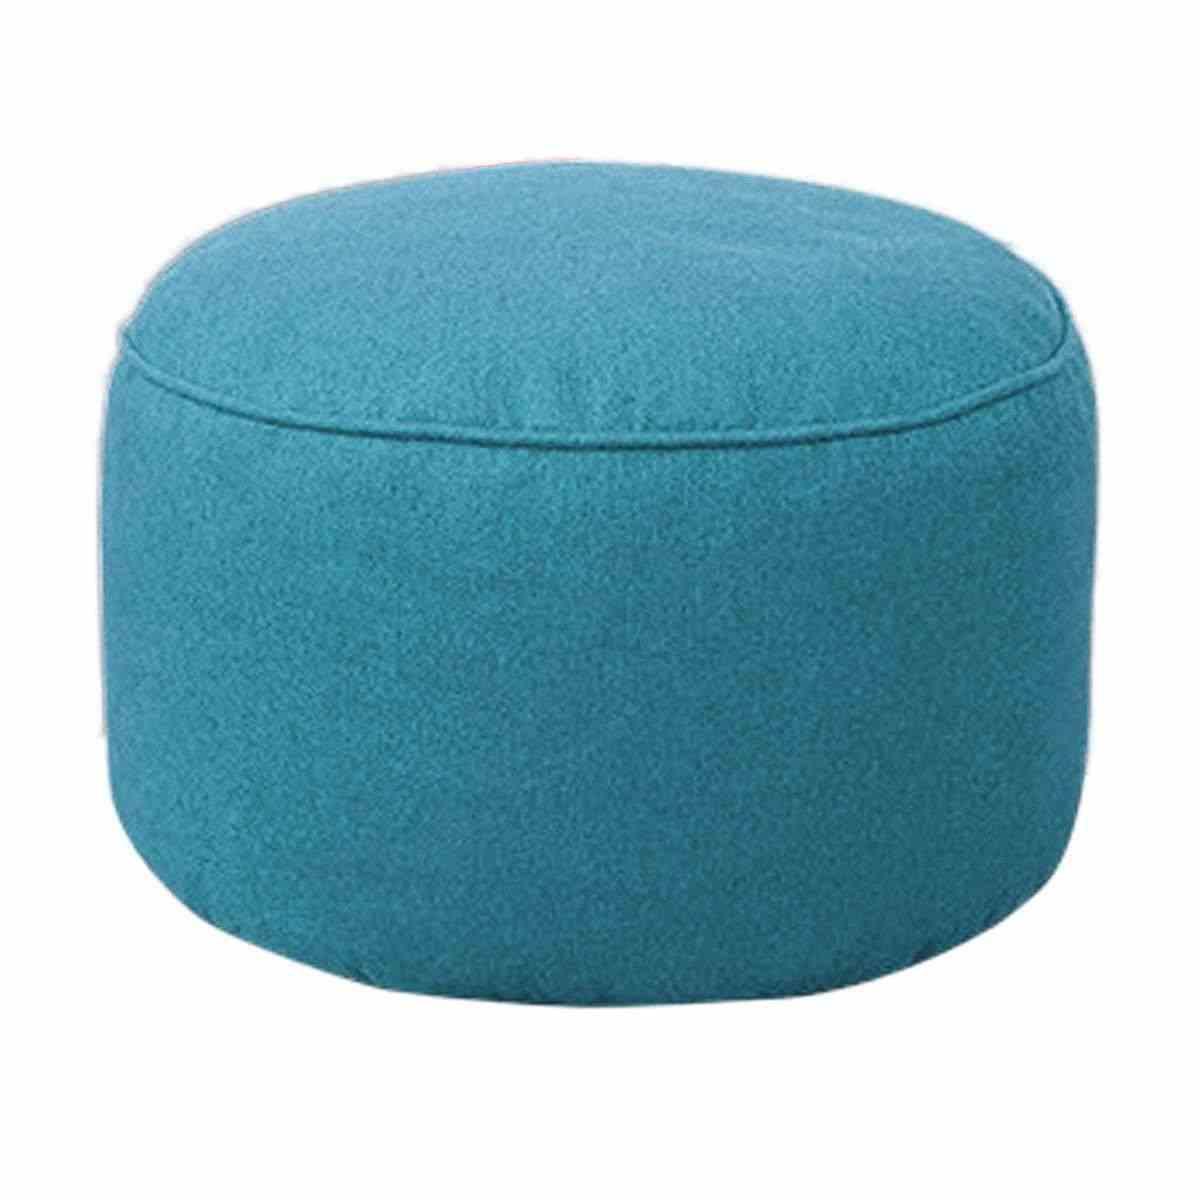 Algodão Macio Tampa início sofá Escabelo rodada Sacos de Feijão Espreguiçadeira Sofá fezes Capa Lavável Sem Enchimento para a mesa da sala de estar